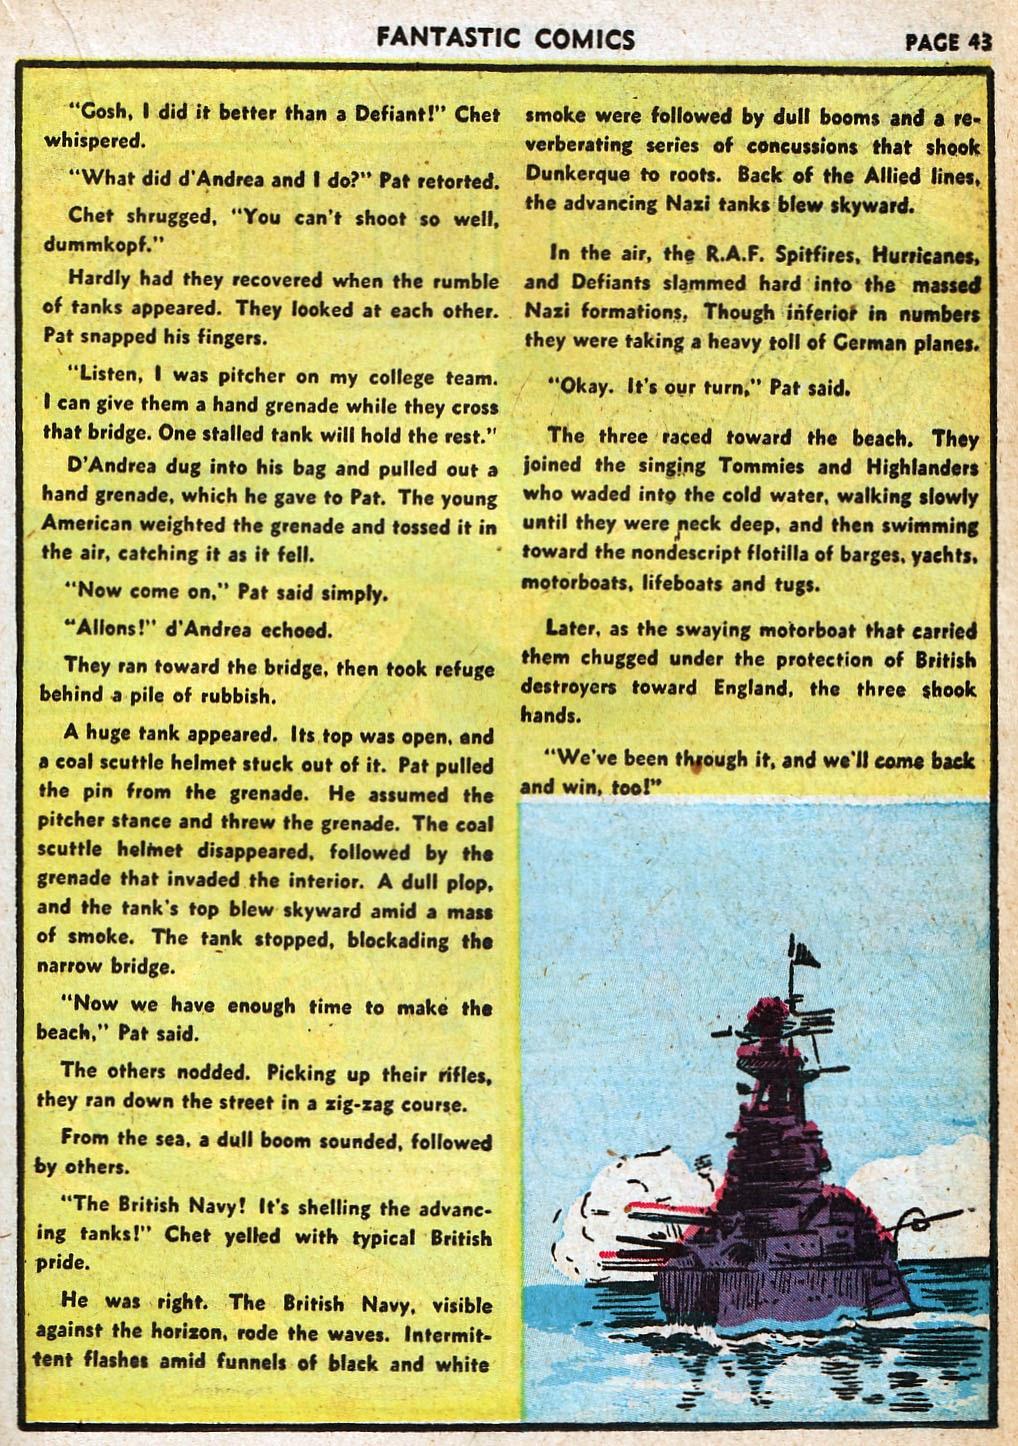 Read online Fantastic Comics comic -  Issue #20 - 43